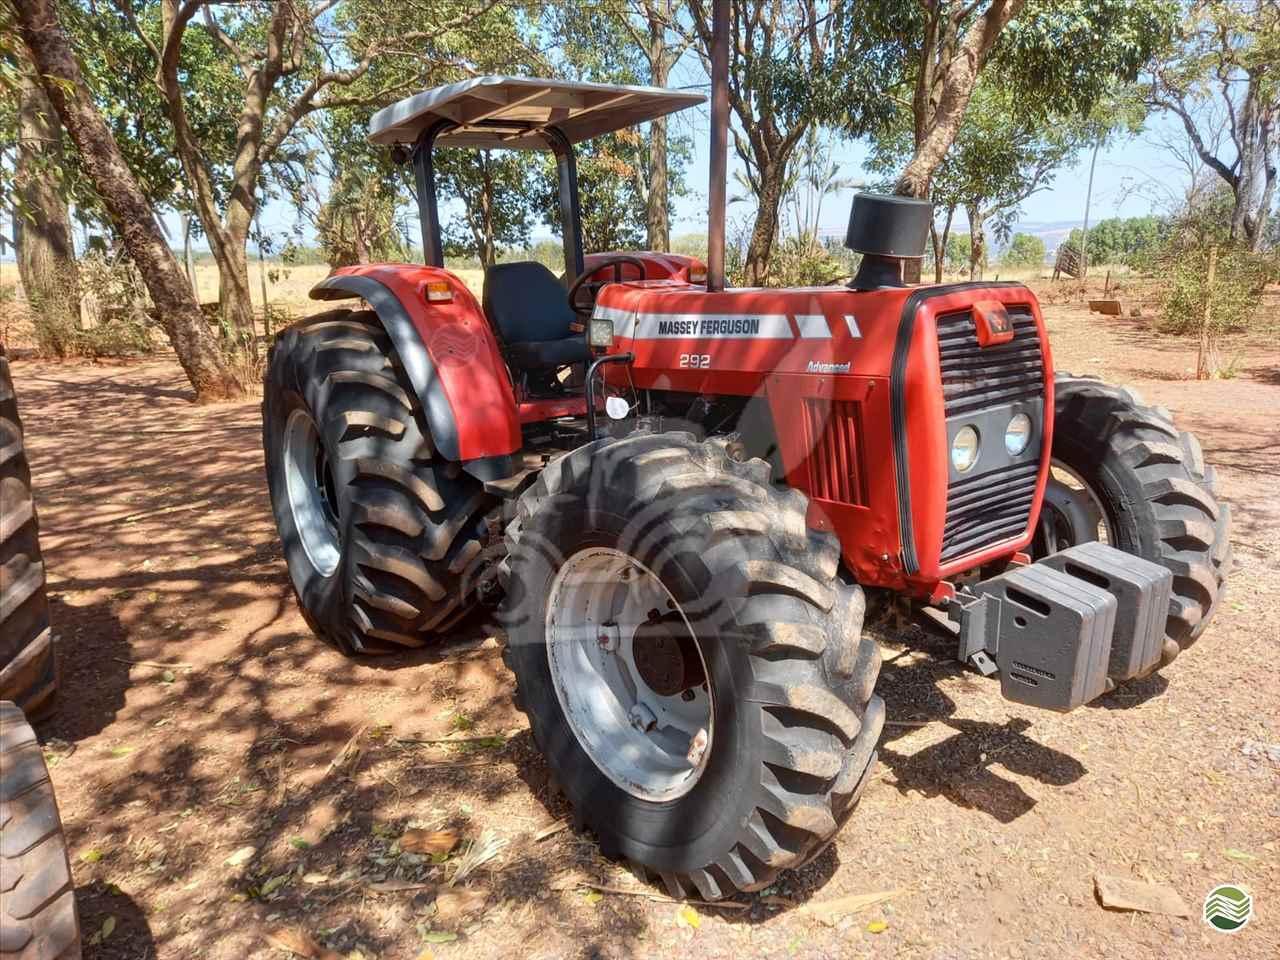 TRATOR MASSEY FERGUSON MF 292 Tração 4x4 EP Máquinas e Implementos Agrícolas CRISTALINA GOIAS GO